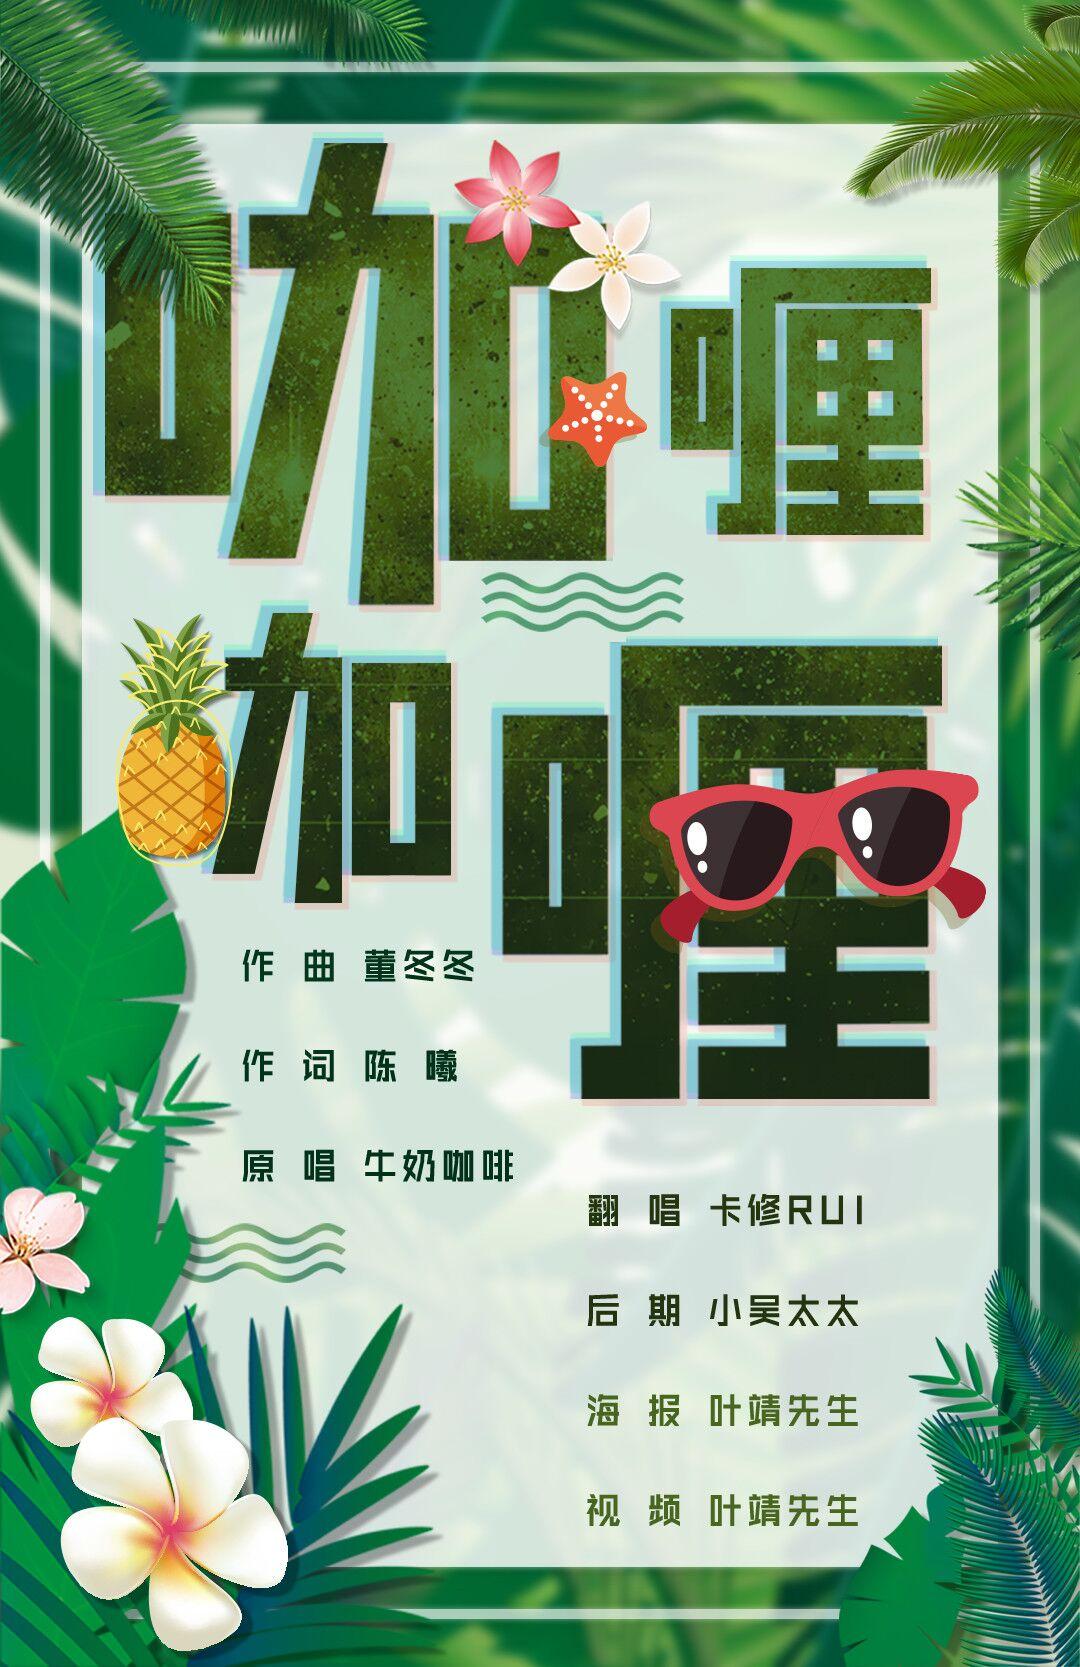 咖喱咖喱 - 卡修Rui - 5SING中国原创音乐基地